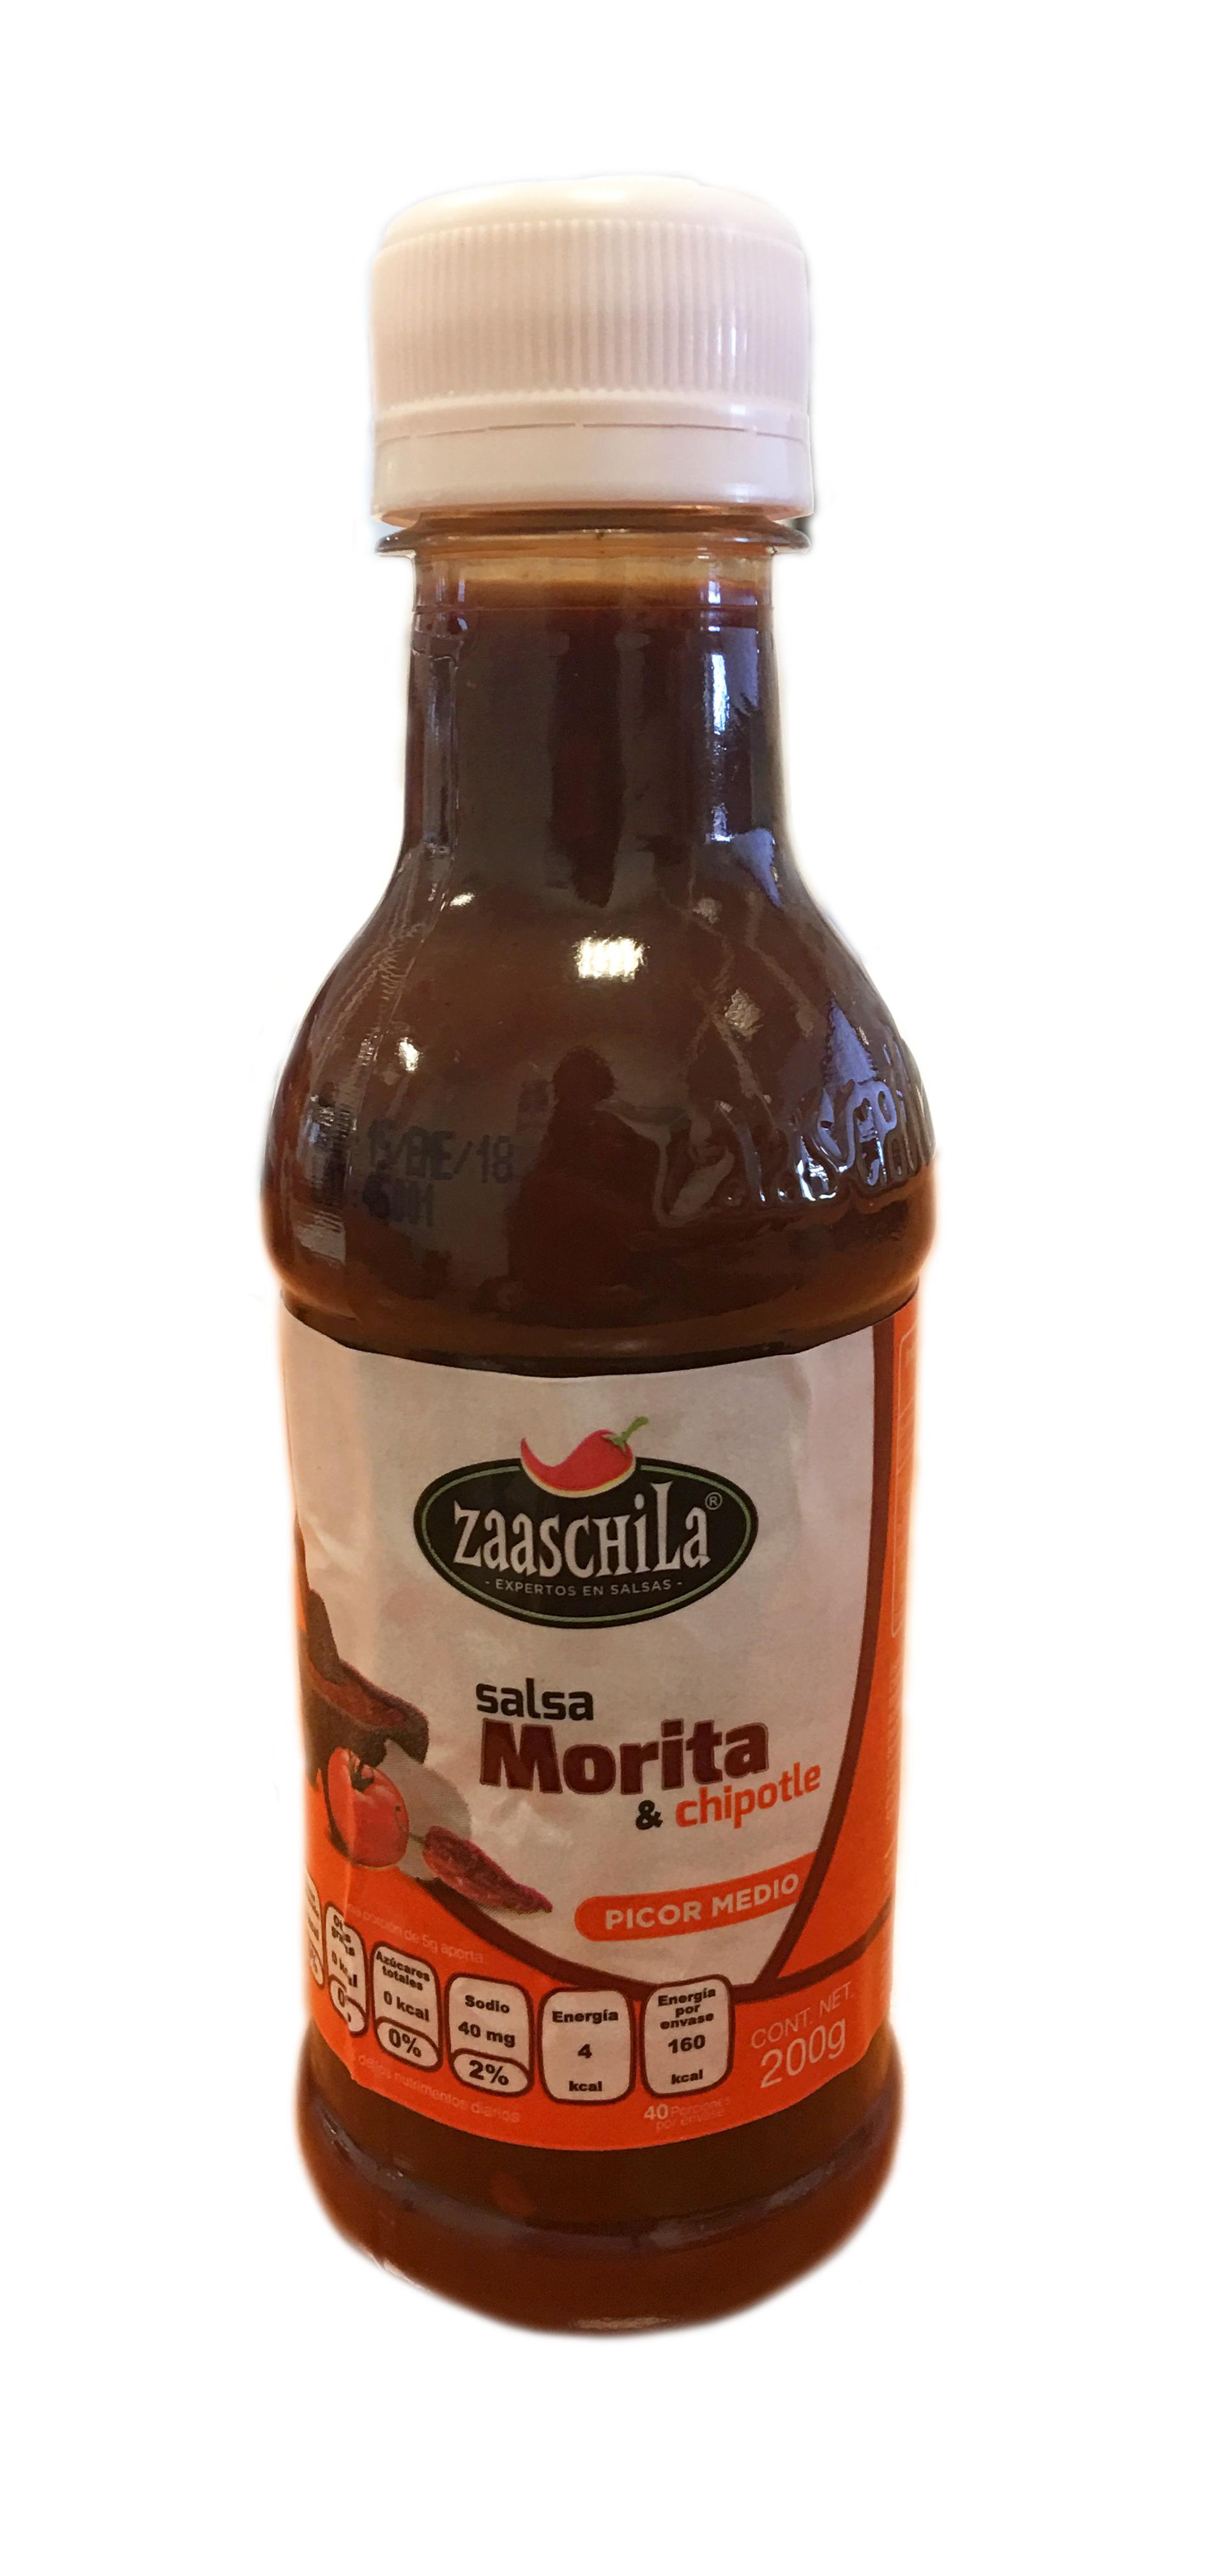 Salsa cremosa Chipotle y Morita Zaaschila 200g botella de plastico